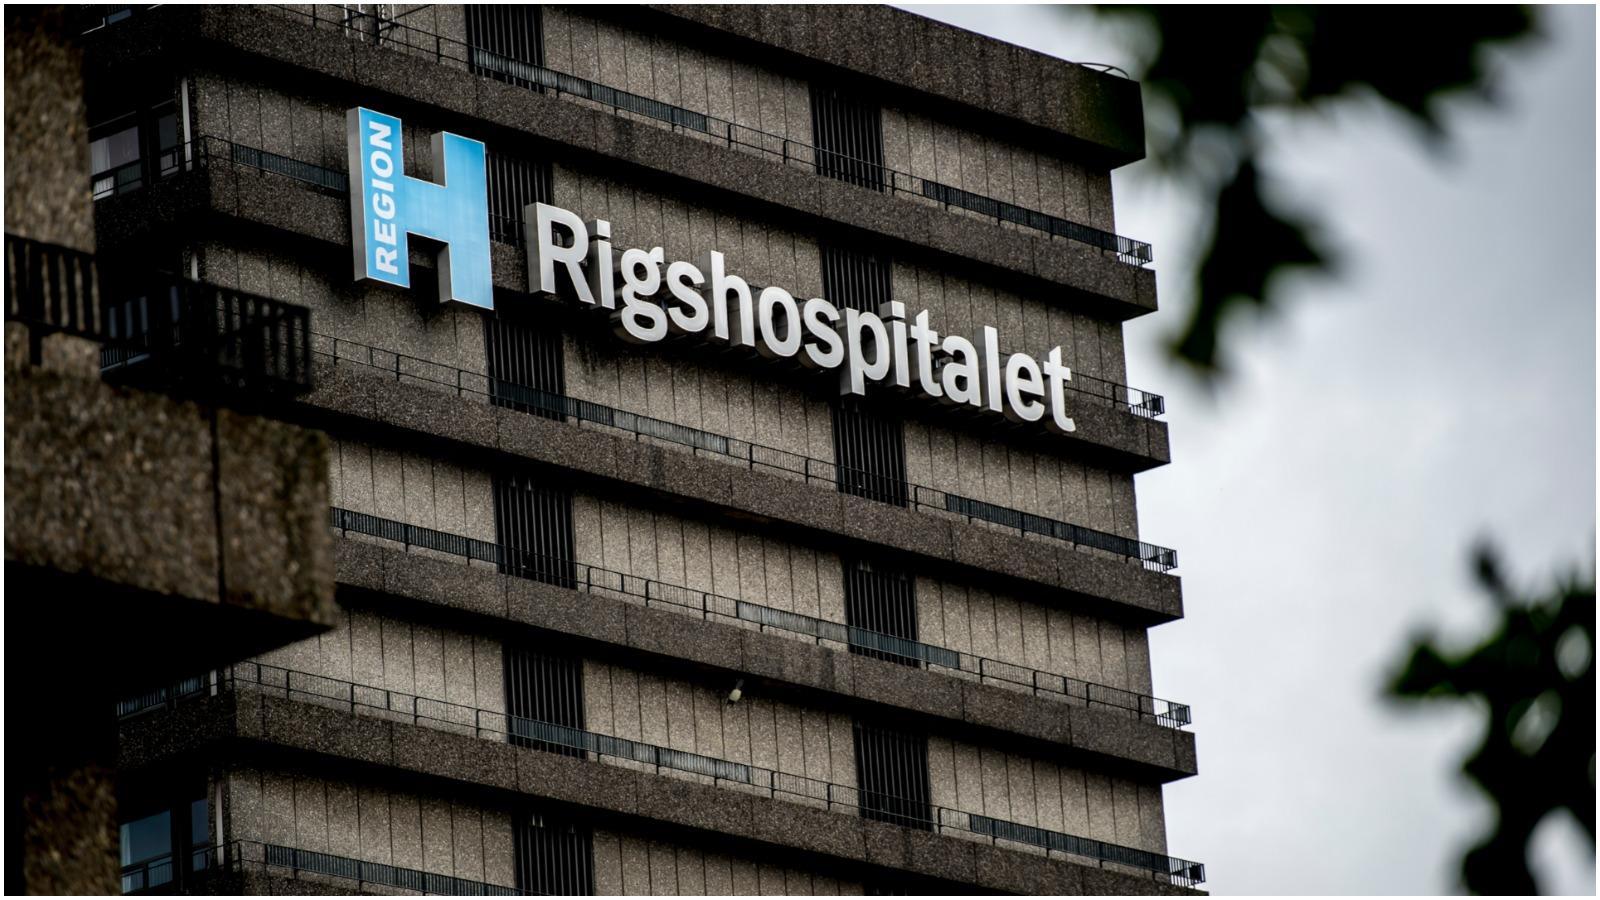 <font color=00008>Sundhedsøkonom Kjeld Møller Pedersen:</font color=00008> Det er en romantisering af fortiden at genoprette nedlagte sygehuse. Det vil ikke skabe større nærhed